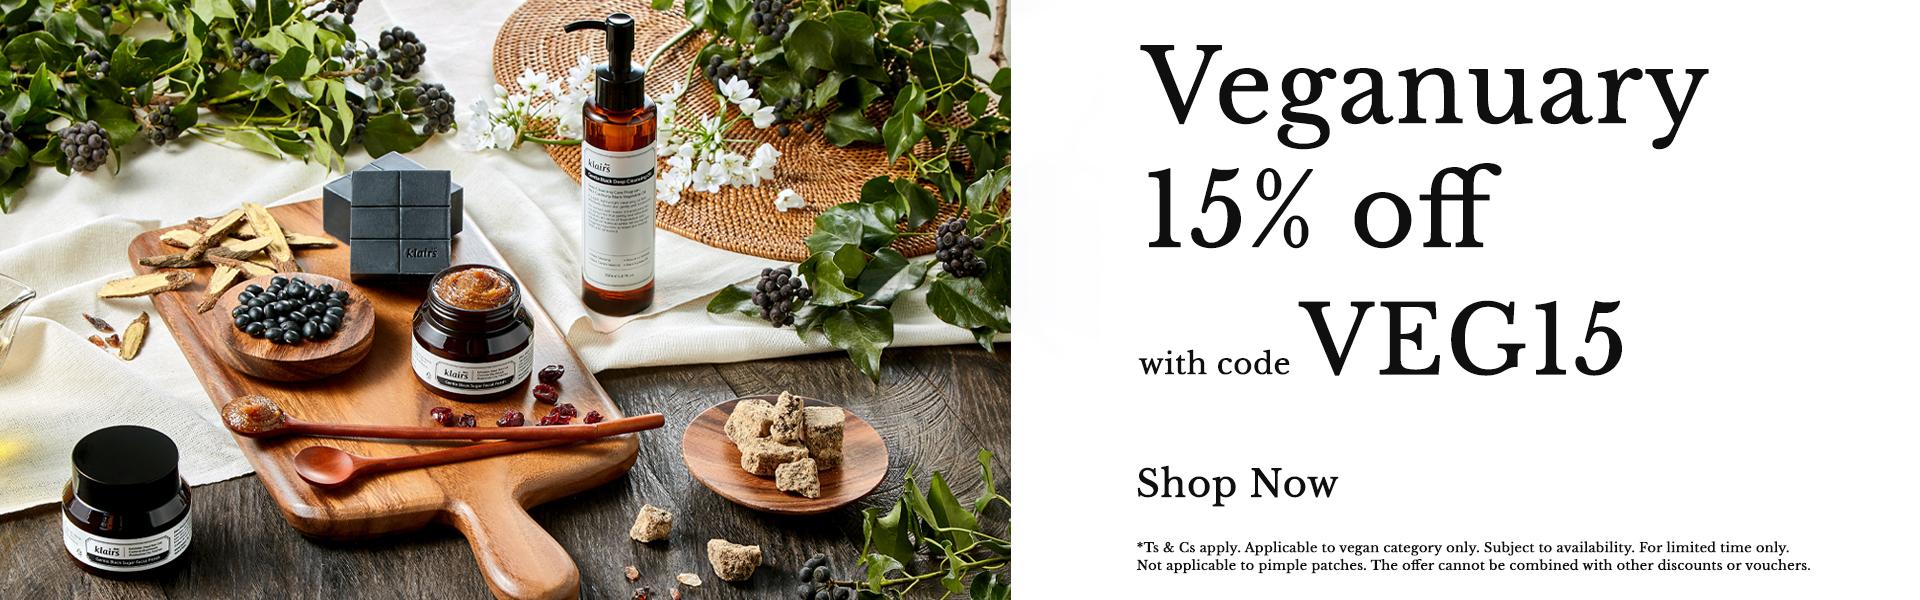 20% off on Korean vegan skincare at Skinsider  with code: VEG20